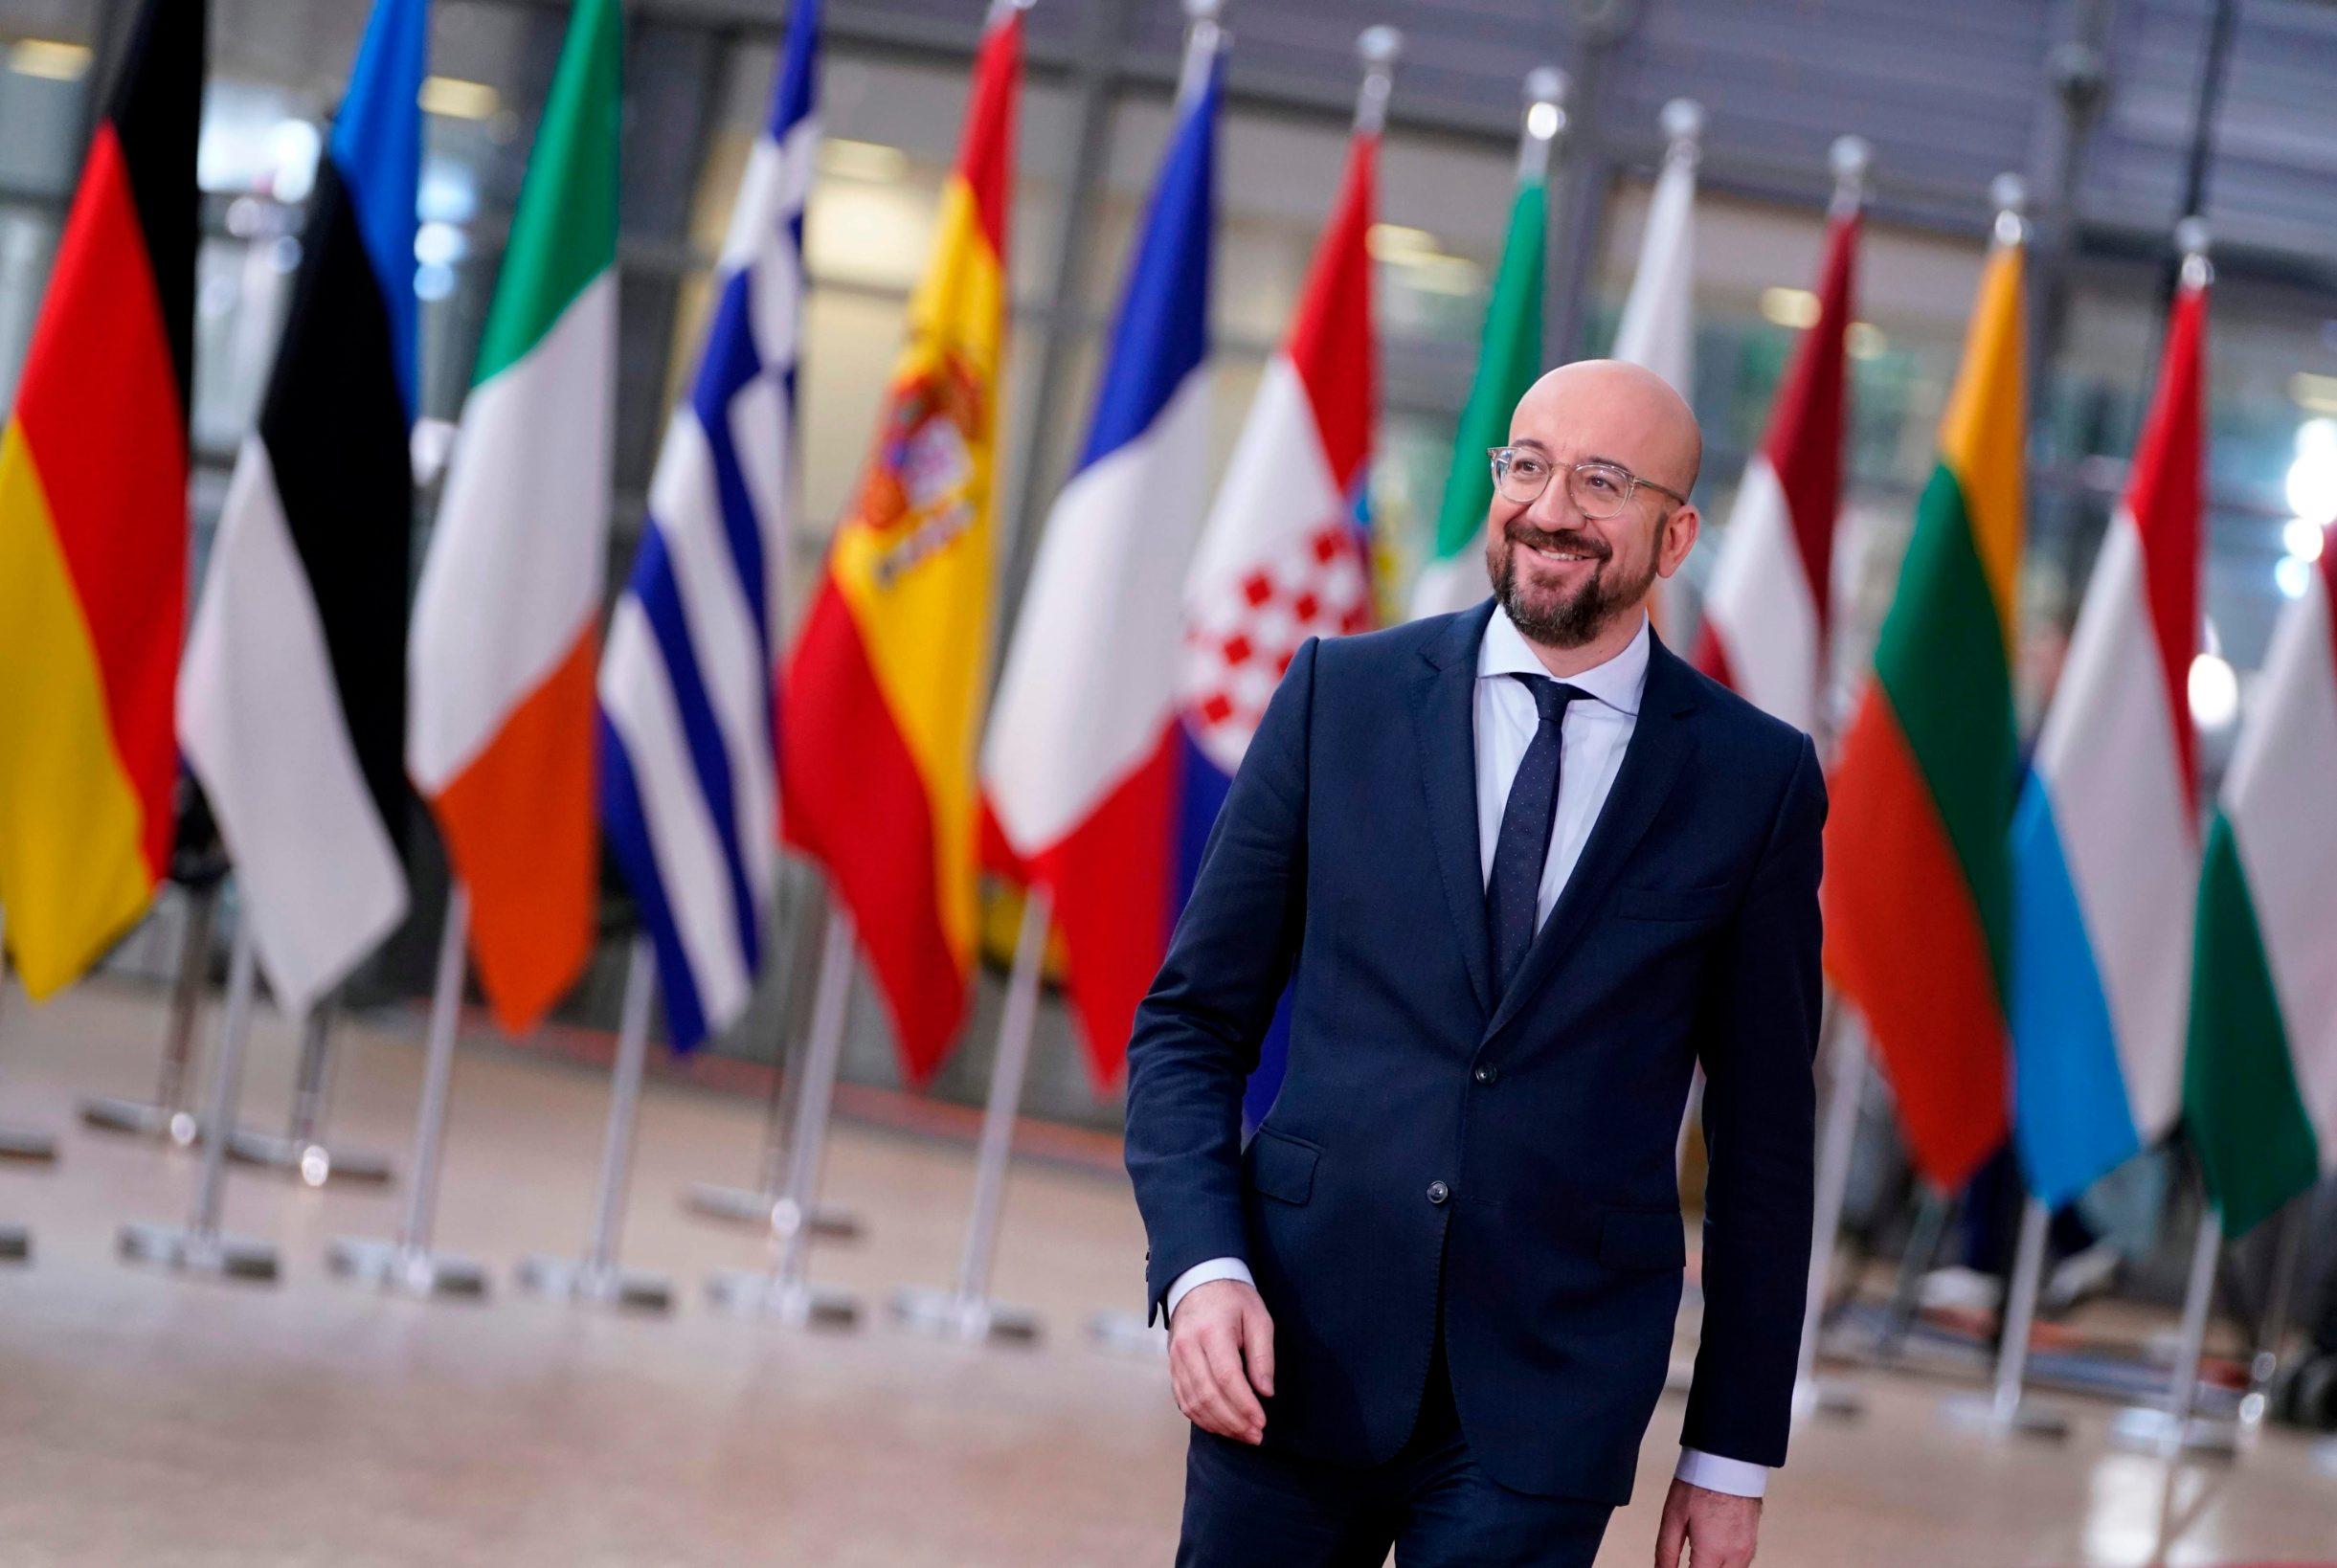 Predsjednik Europskog vijeća Charles Michel predložio je da proračun nakon Brexita iznosi 1095 bilijuna eura, čime bi svaka država uplaćivala 1,074 posto BND-a